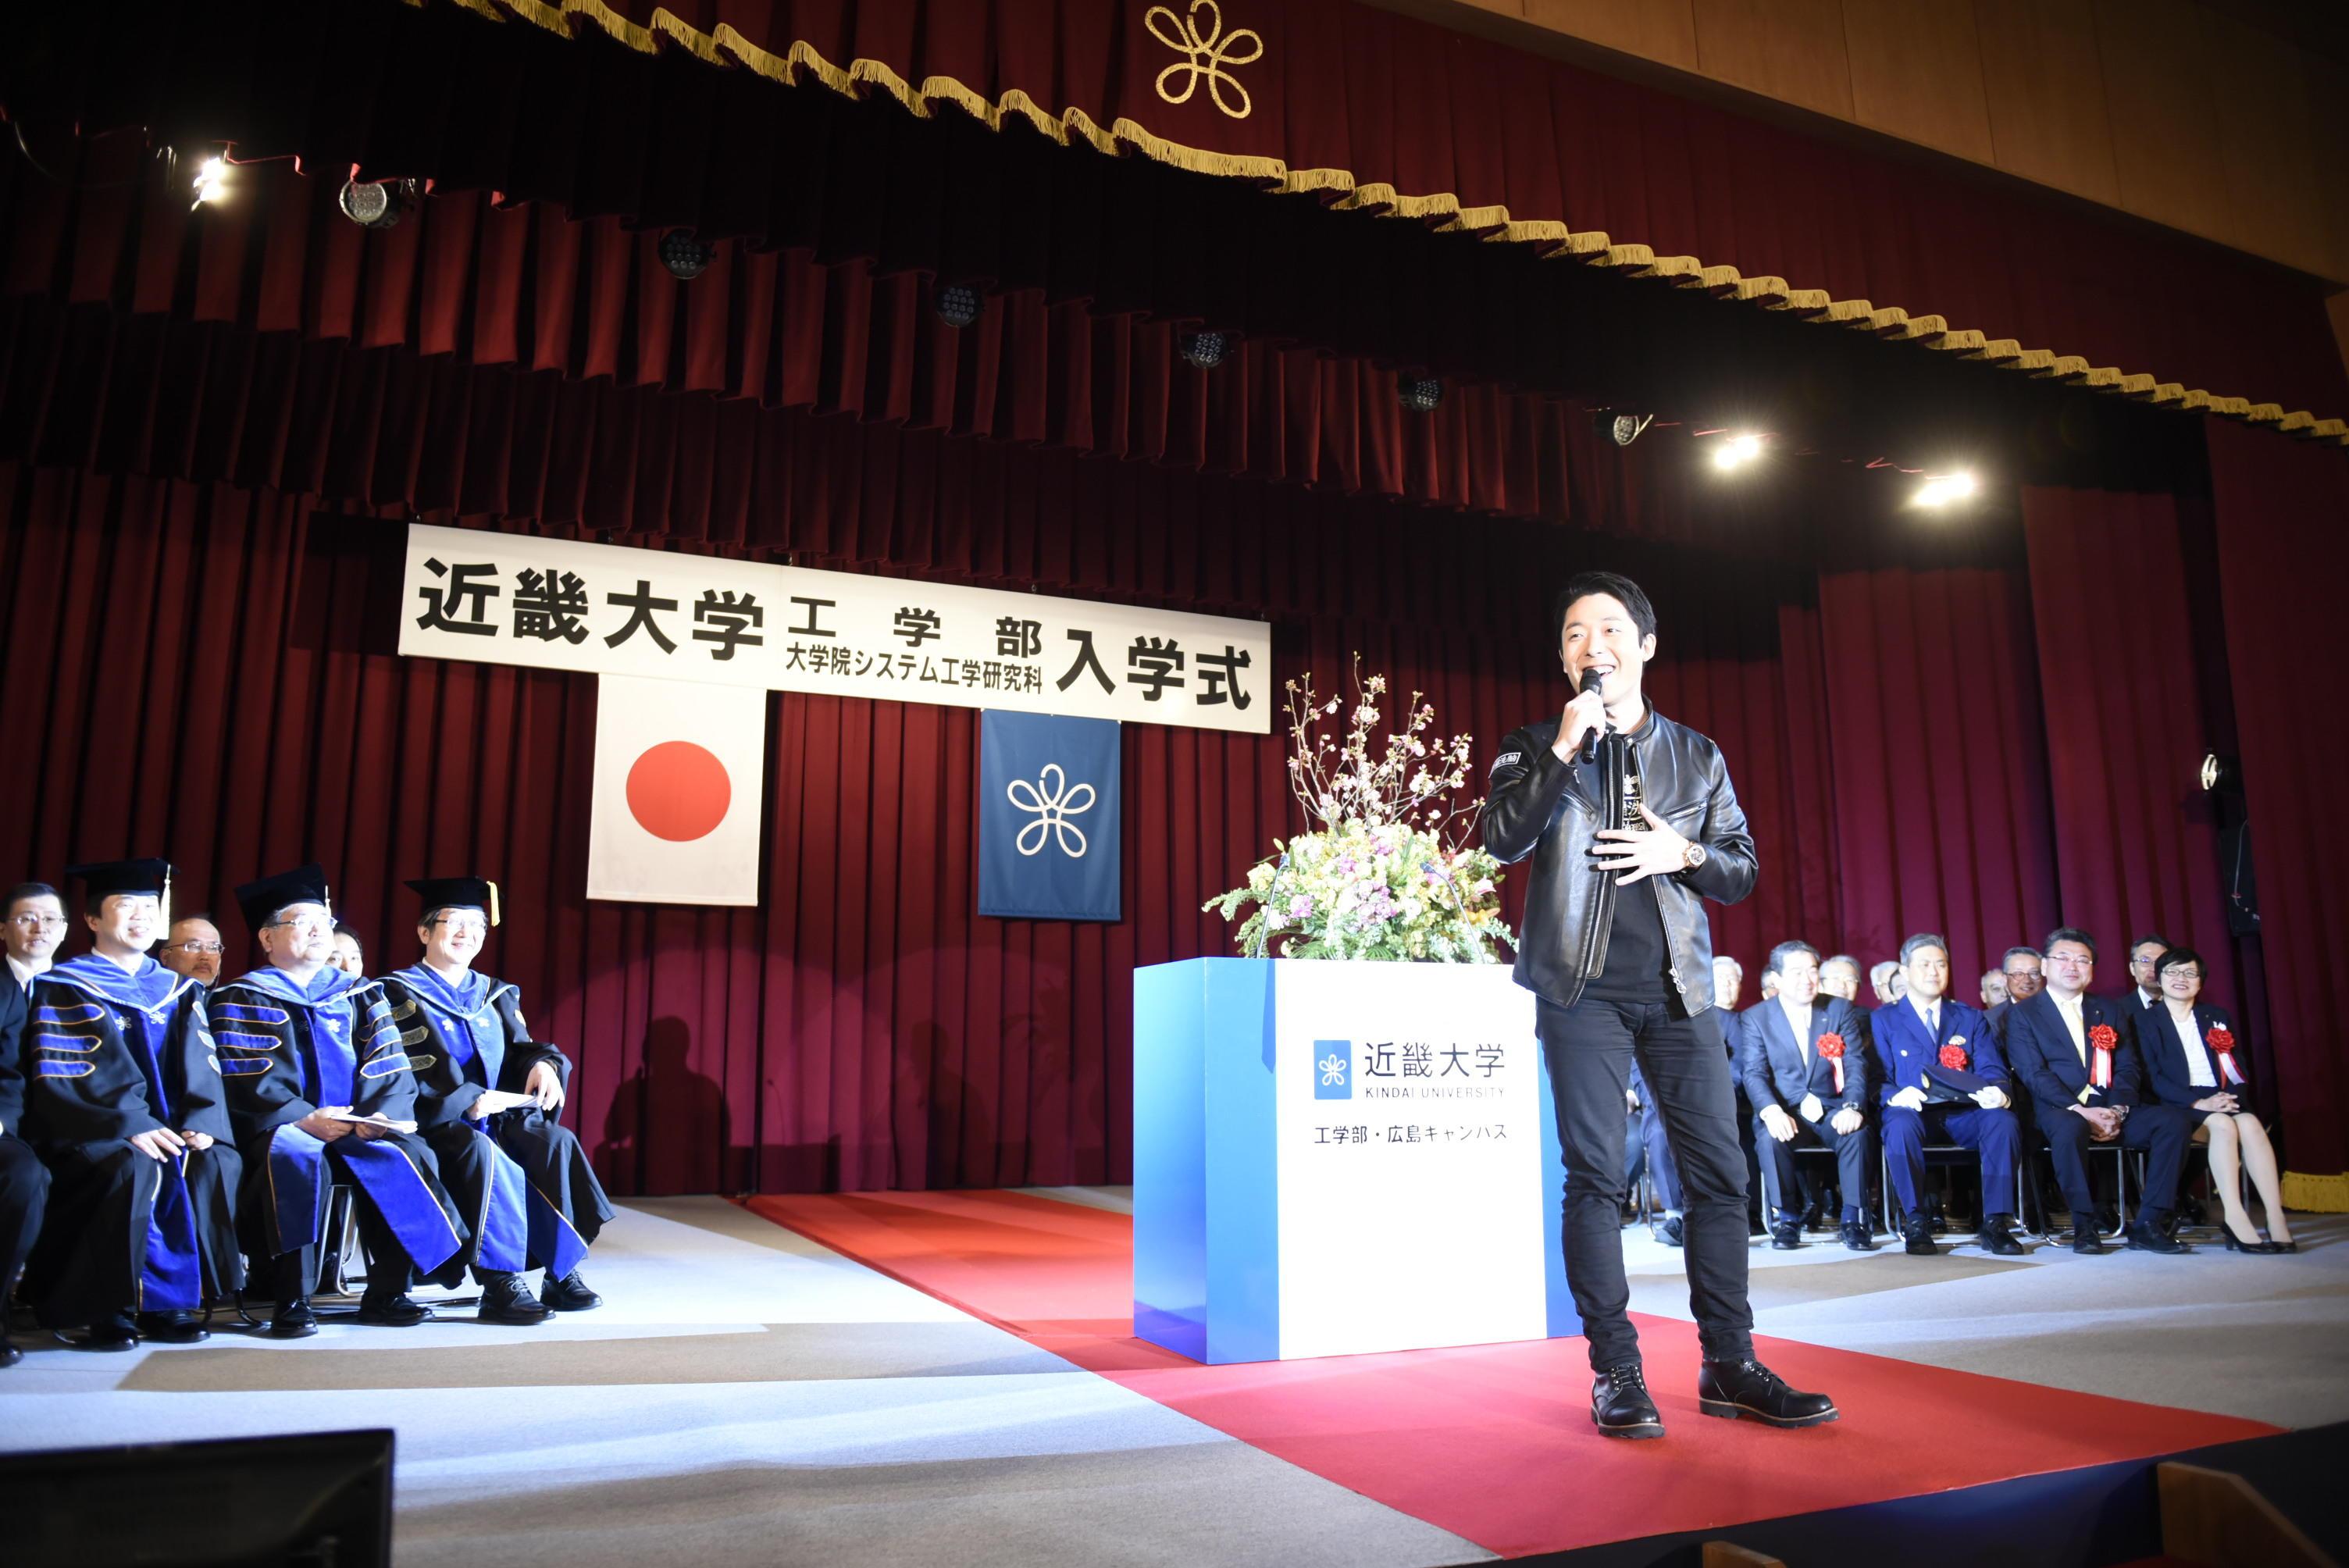 令和元年度入学生入学式中田敦彦氏ゲストスピーチもこちらから